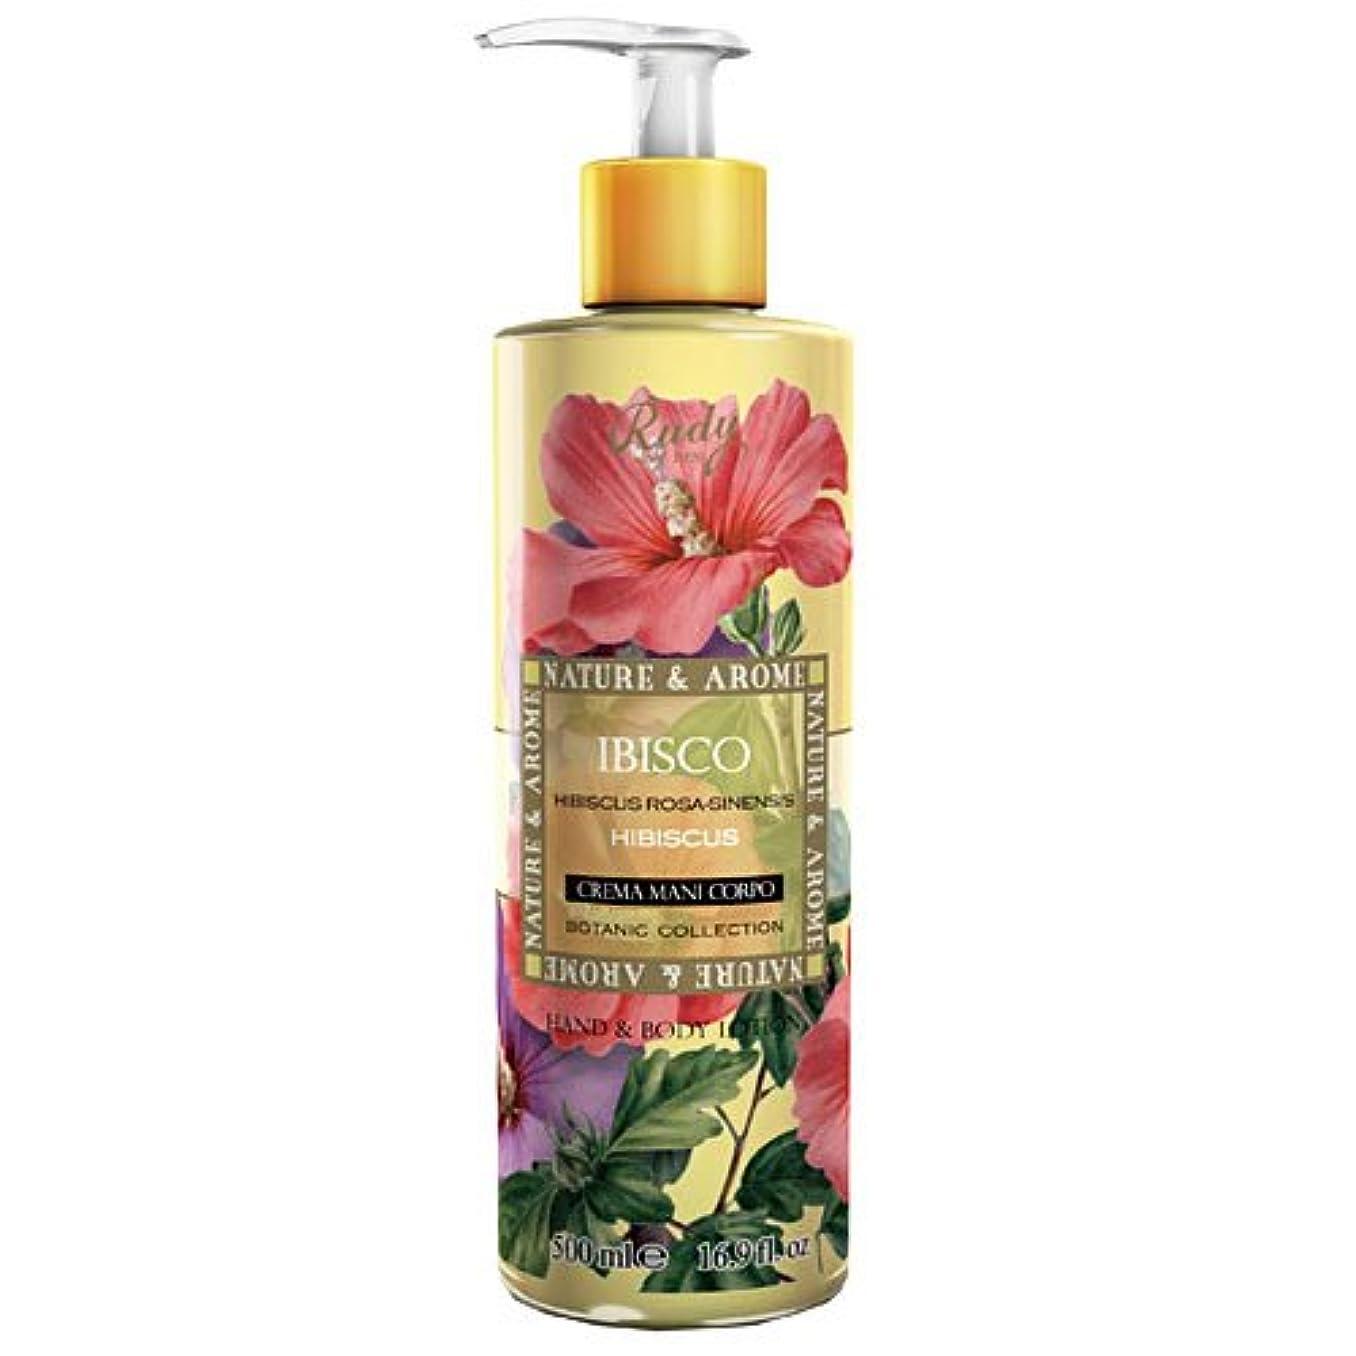 ボア支出表面的なRUDY Nature&Arome SERIES ルディ ナチュール&アロマ Hand&Body lotion ハンド&ボディローション ハイビスカス